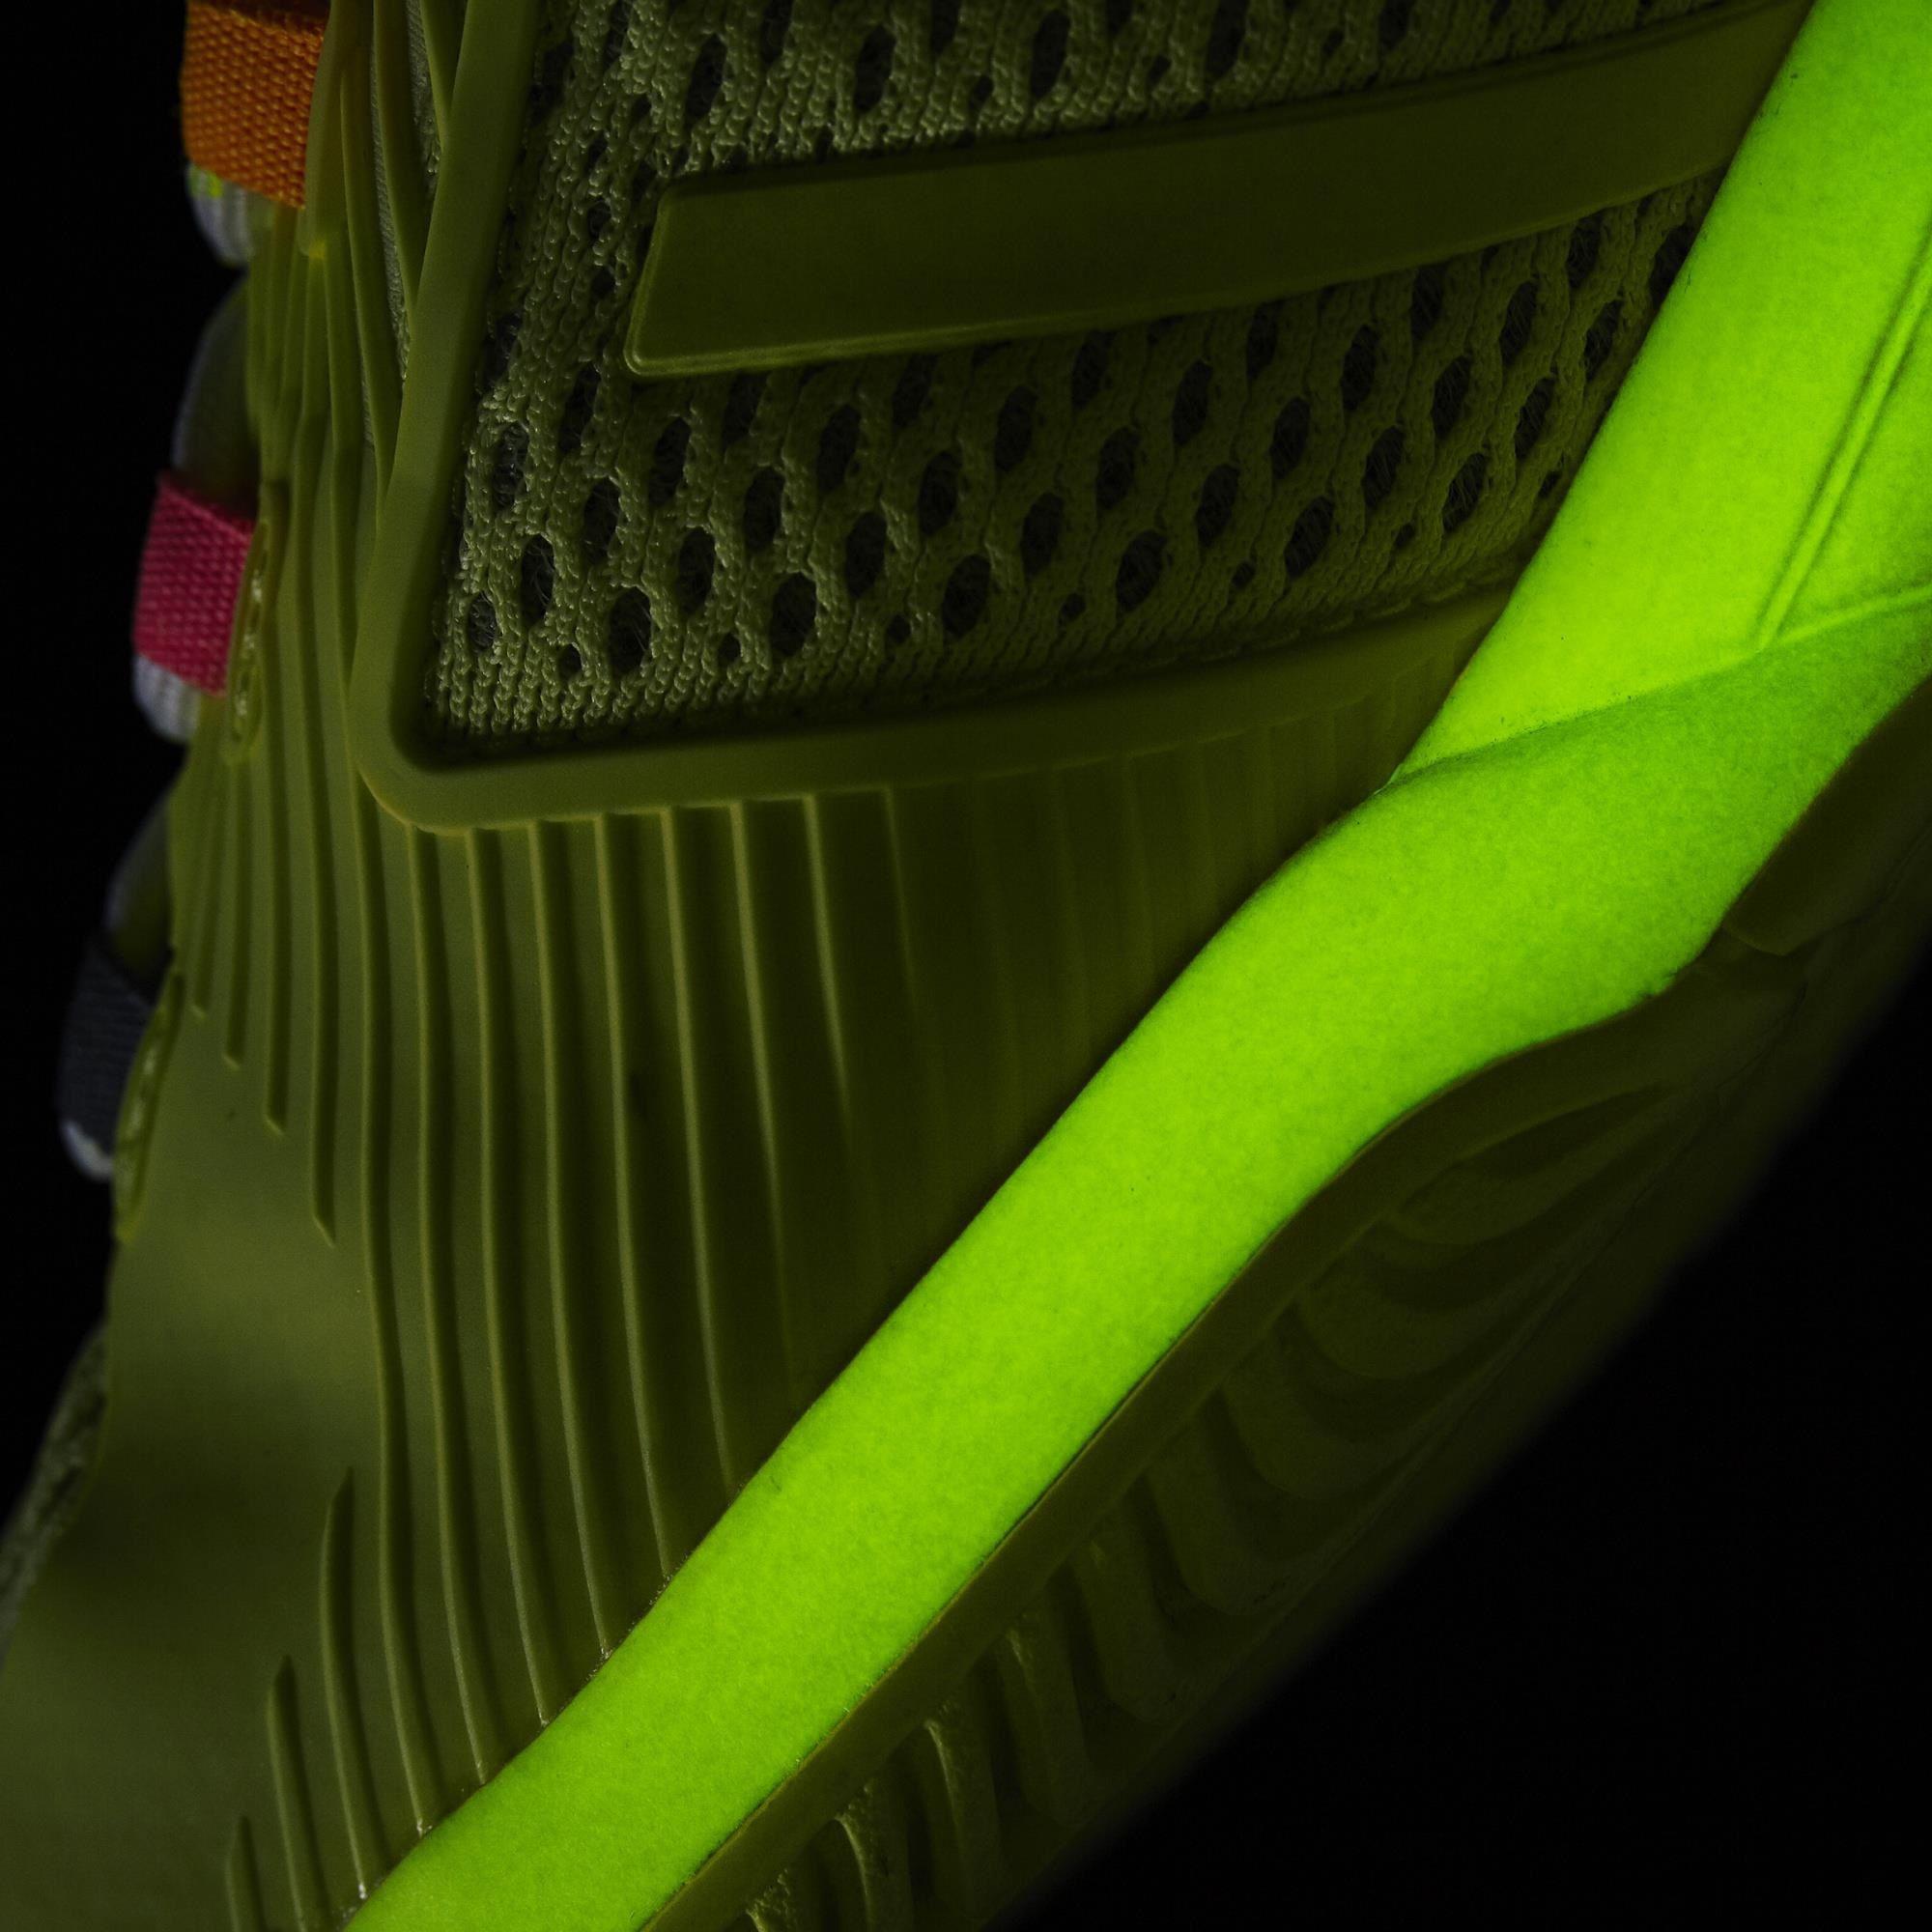 Adidas Stella Barricade 2015 Scarpe Da Donna Di Colore Giallo Bagliore gMDZH5nh